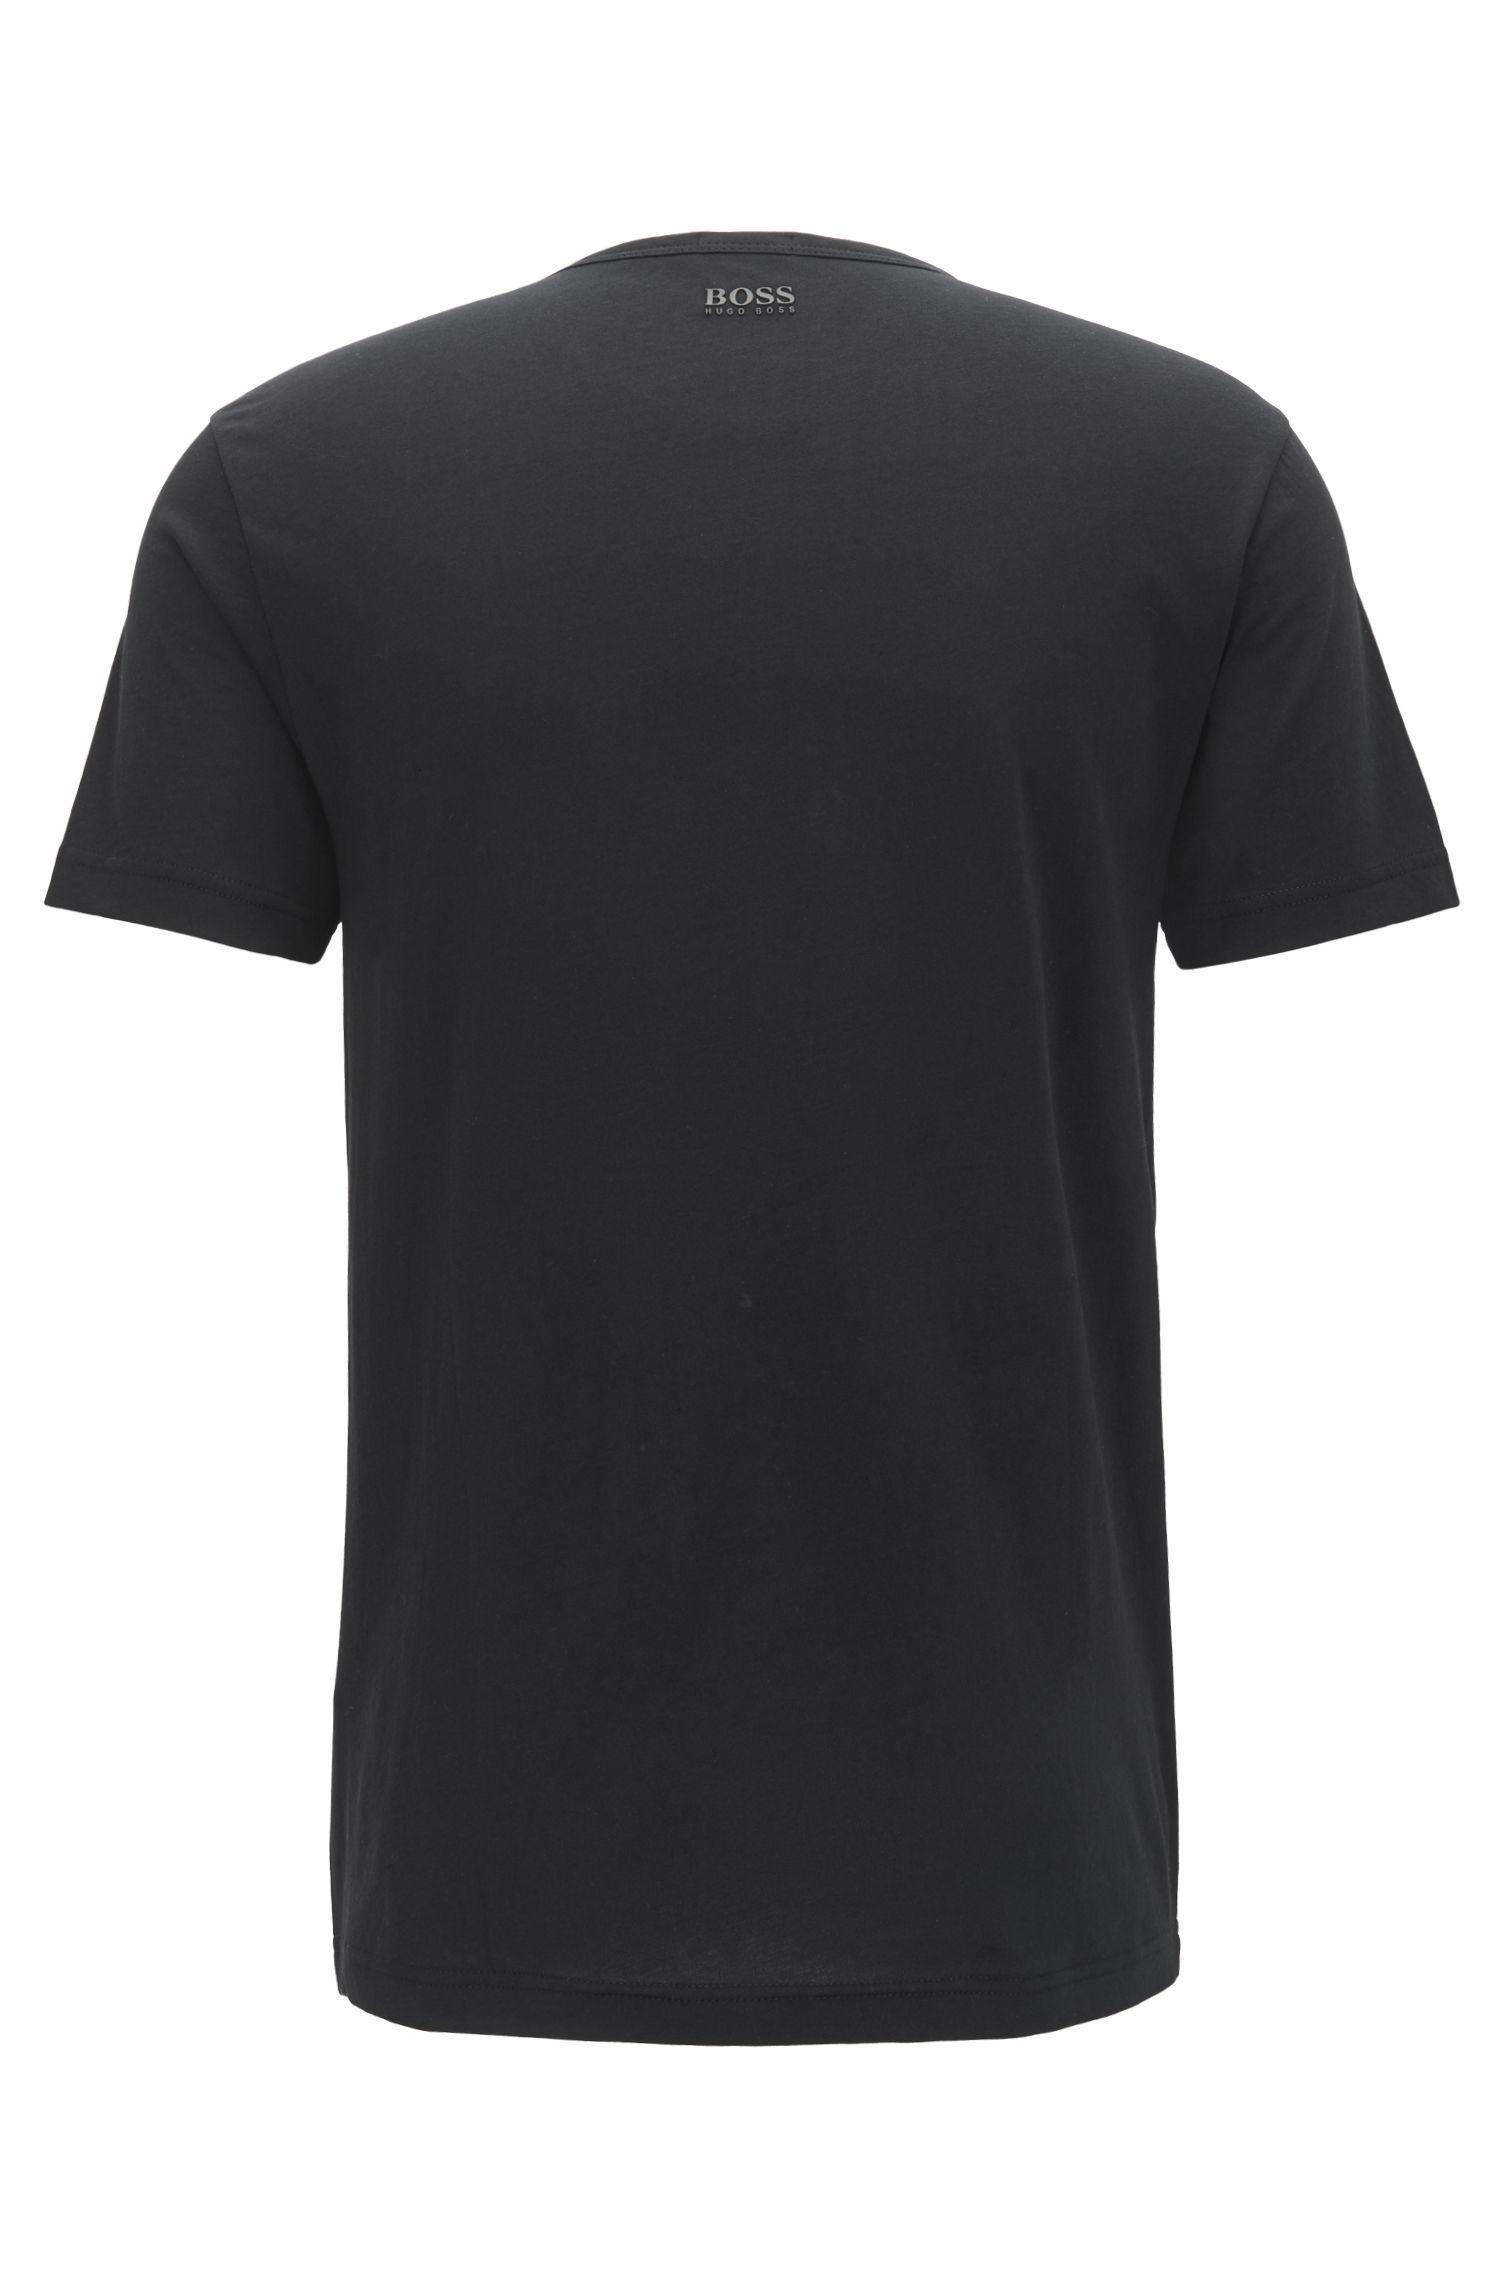 T-Shirt aus Baumwolle mit 3D-Logo